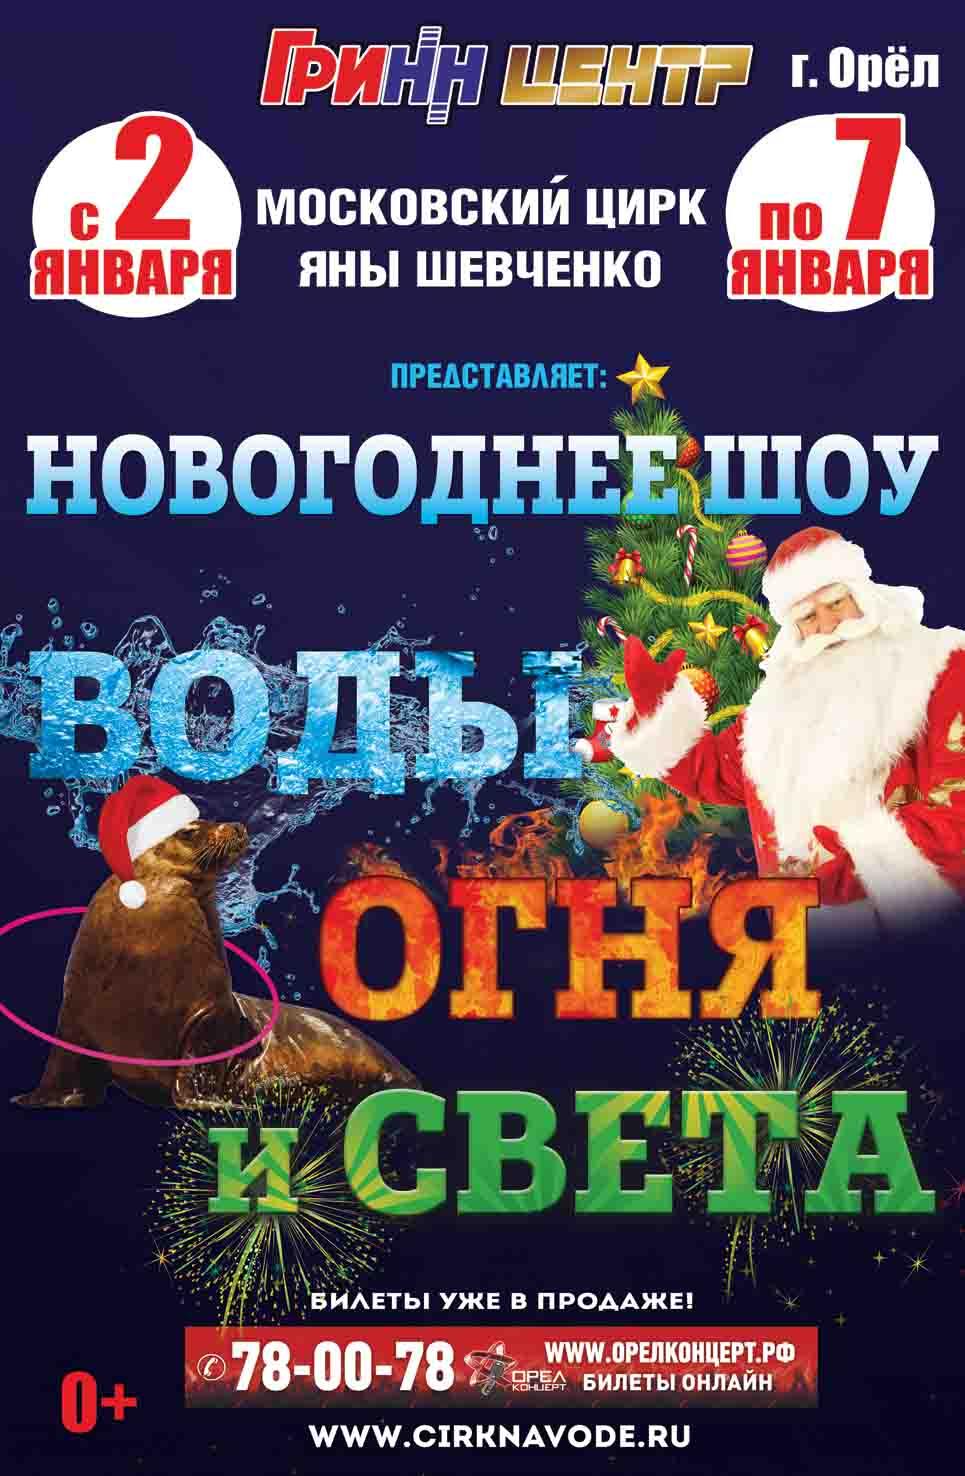 Новогодняя елка и цирк в ГРИННе 2018 2019